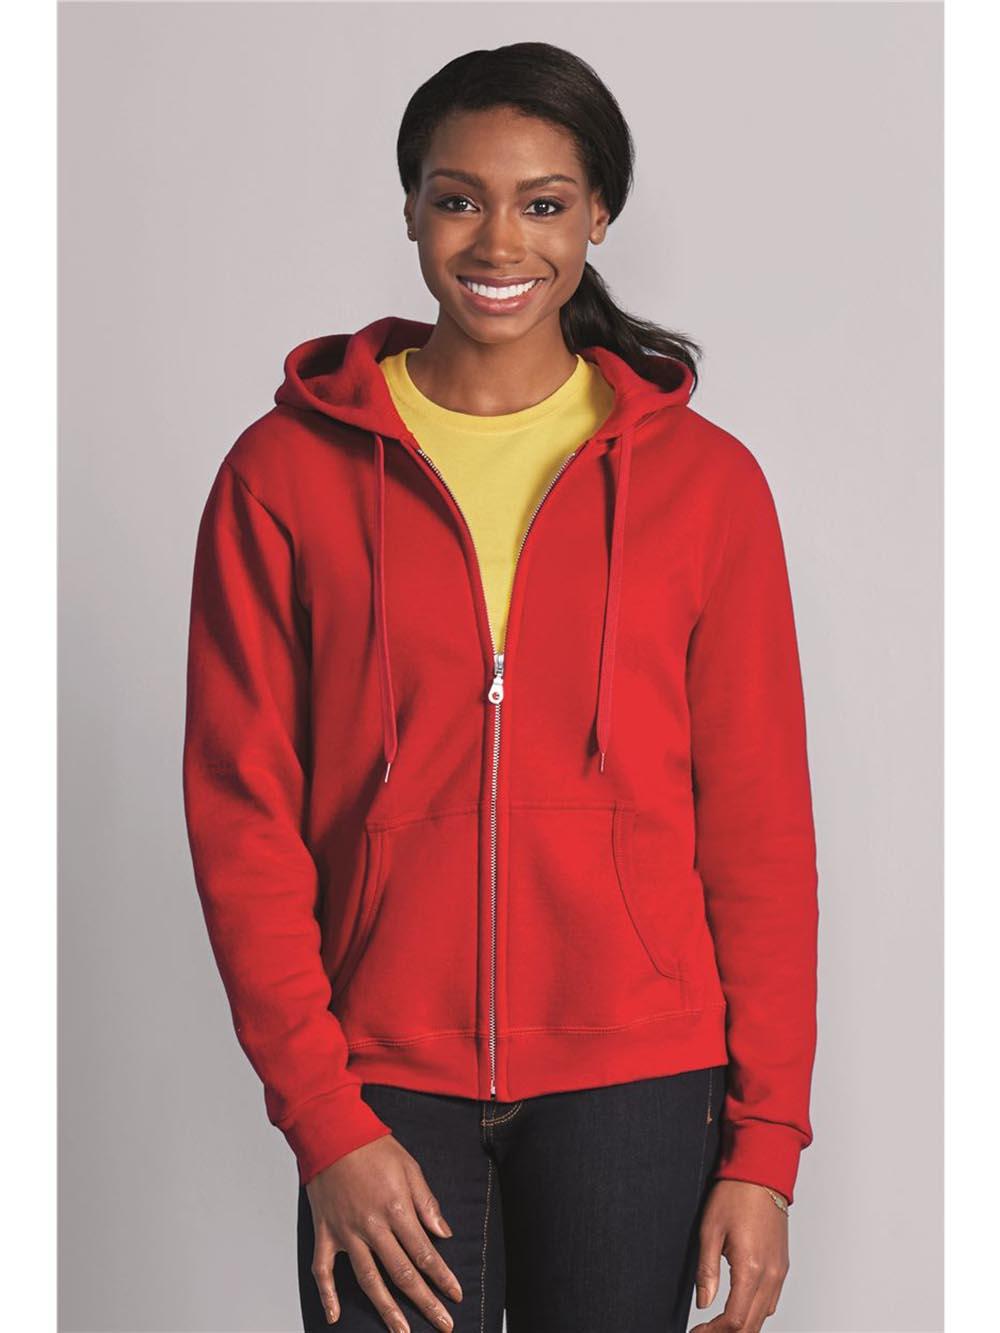 Womens Hoodie S M L XL 2XL Ladies Full Zip Gildan Heavy Blend Hooded Sweatshirt